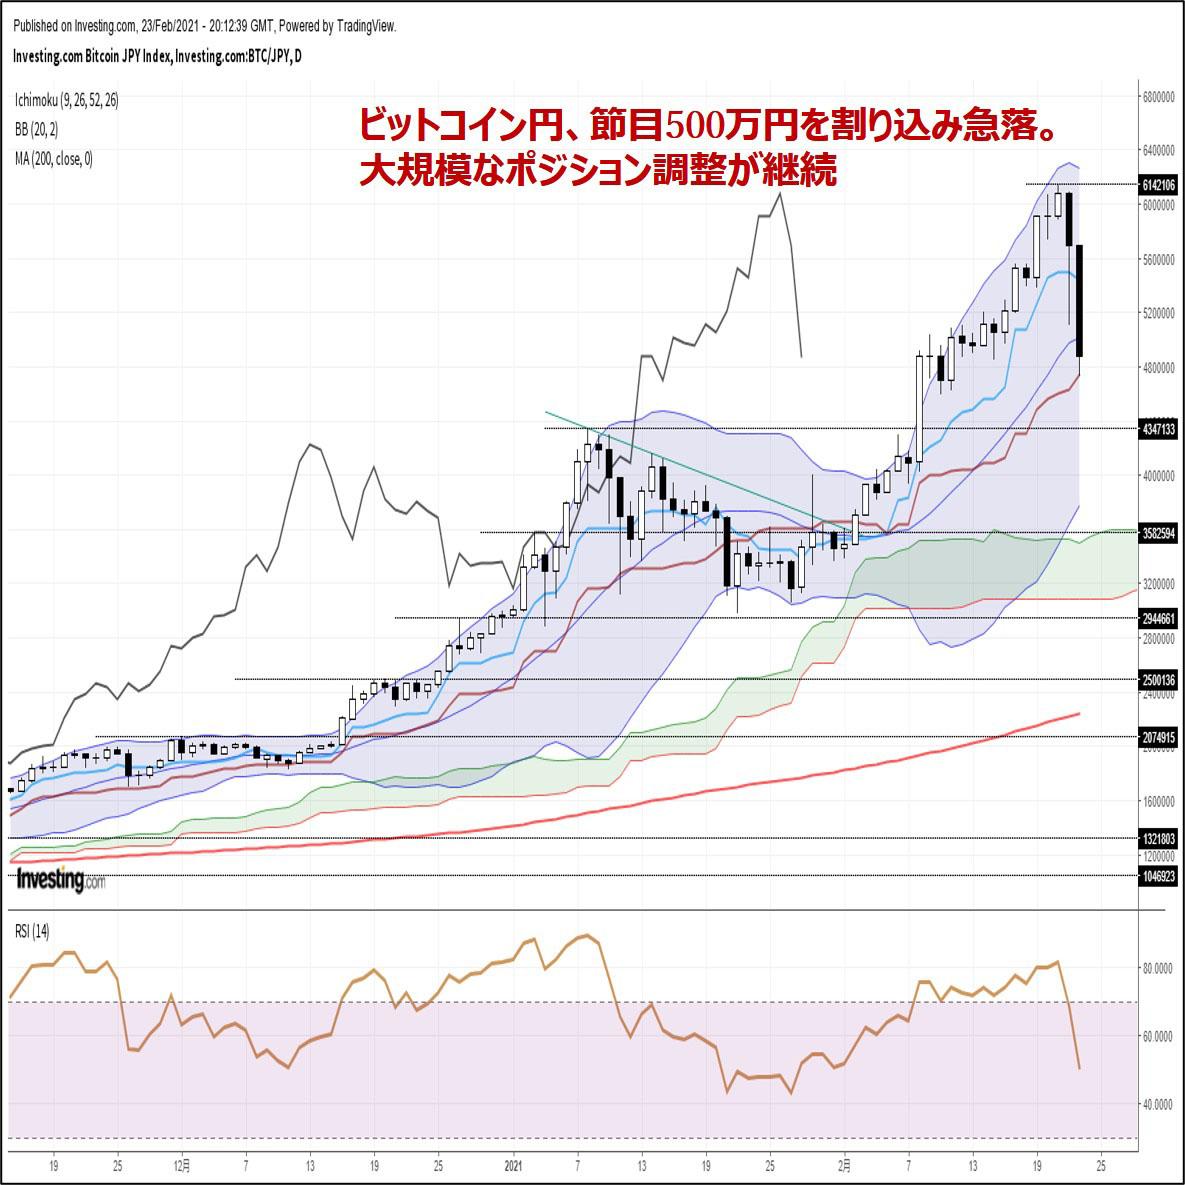 ビットコイン円、節目500万円を割り込み急落。大規模なポジション調整が継続